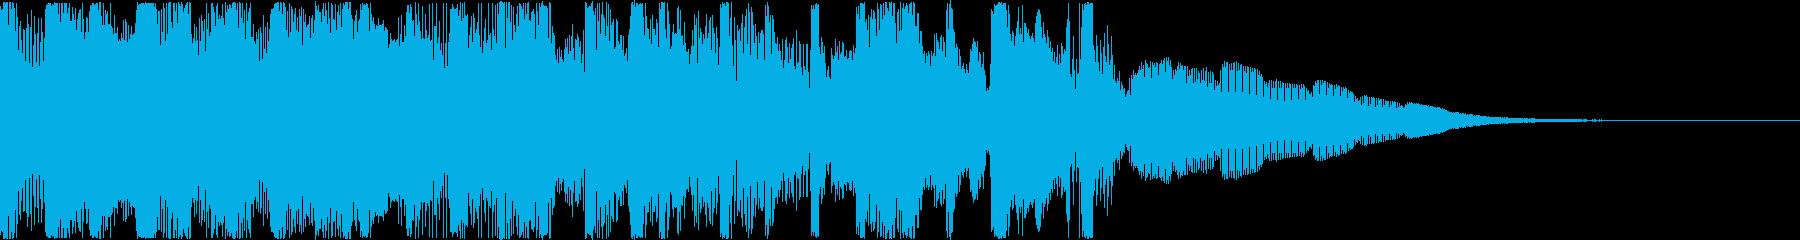 切なげなスローテンポのテクノの再生済みの波形